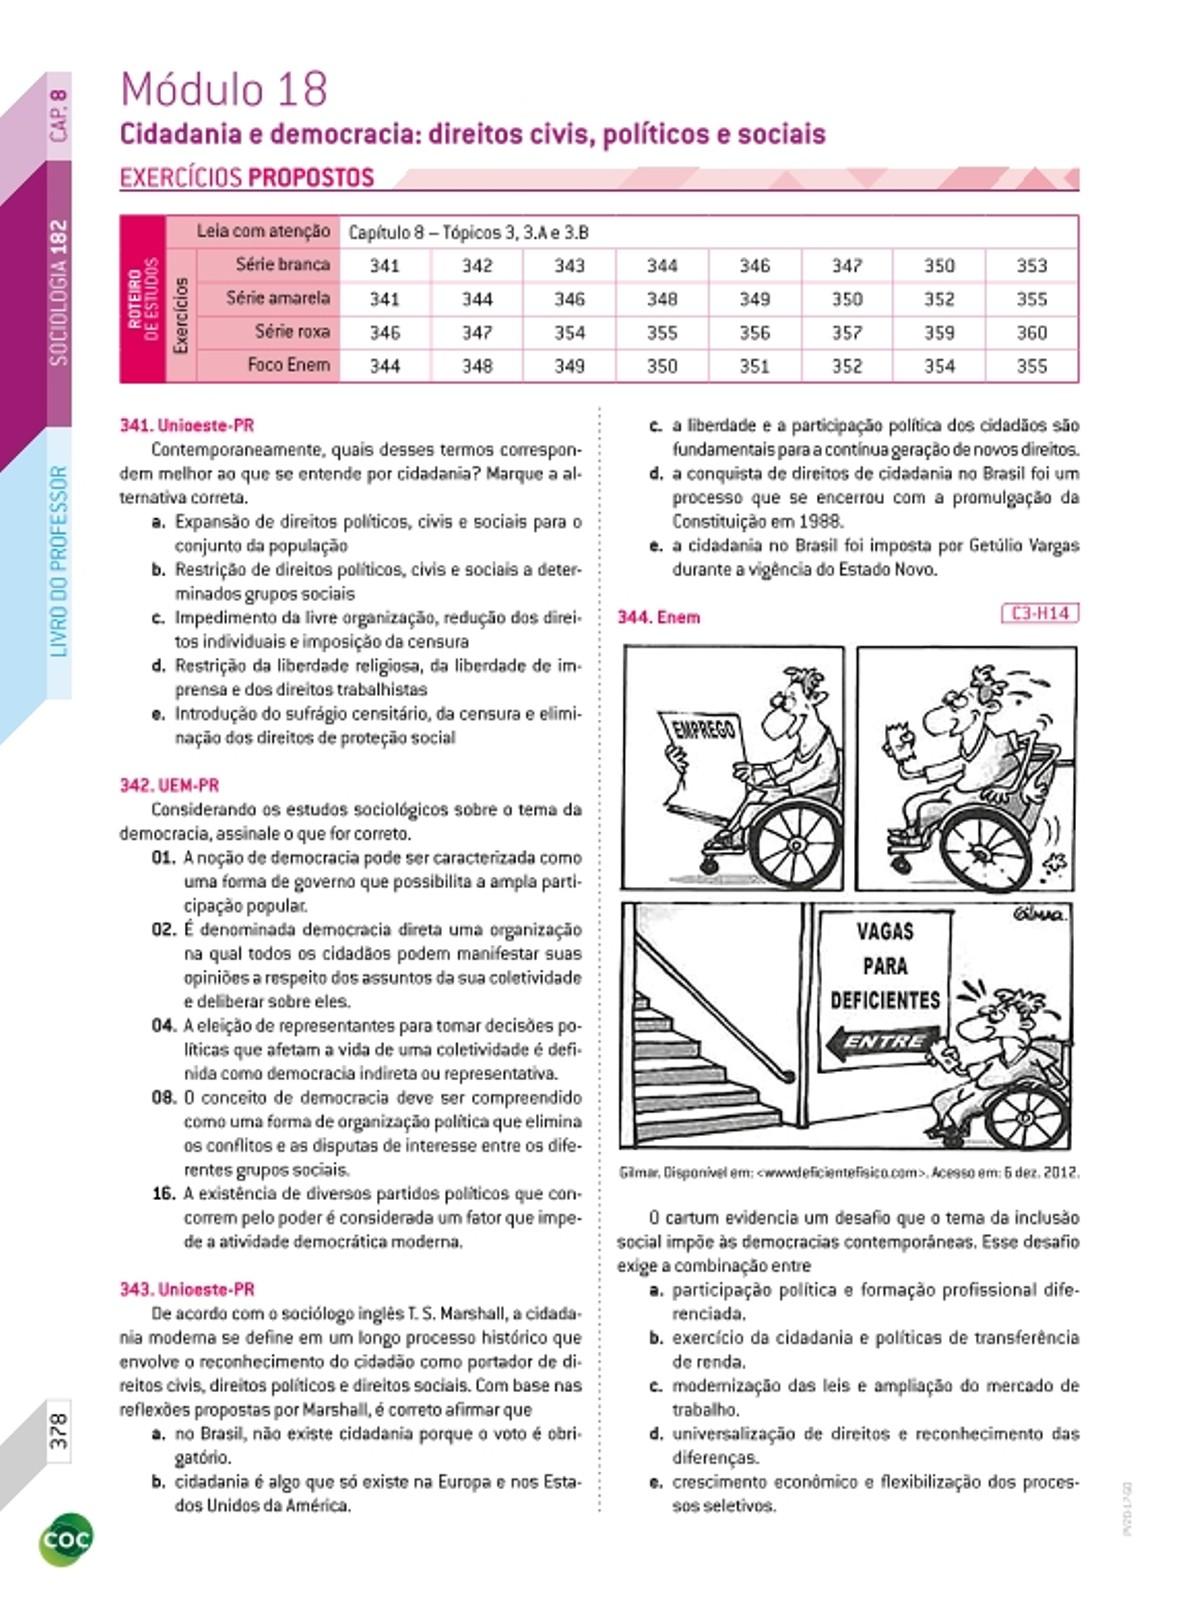 Pre-visualização do material 18 - Exercícios / Cidadania e democracia (direitos civis, políticos e sociais) - página 1